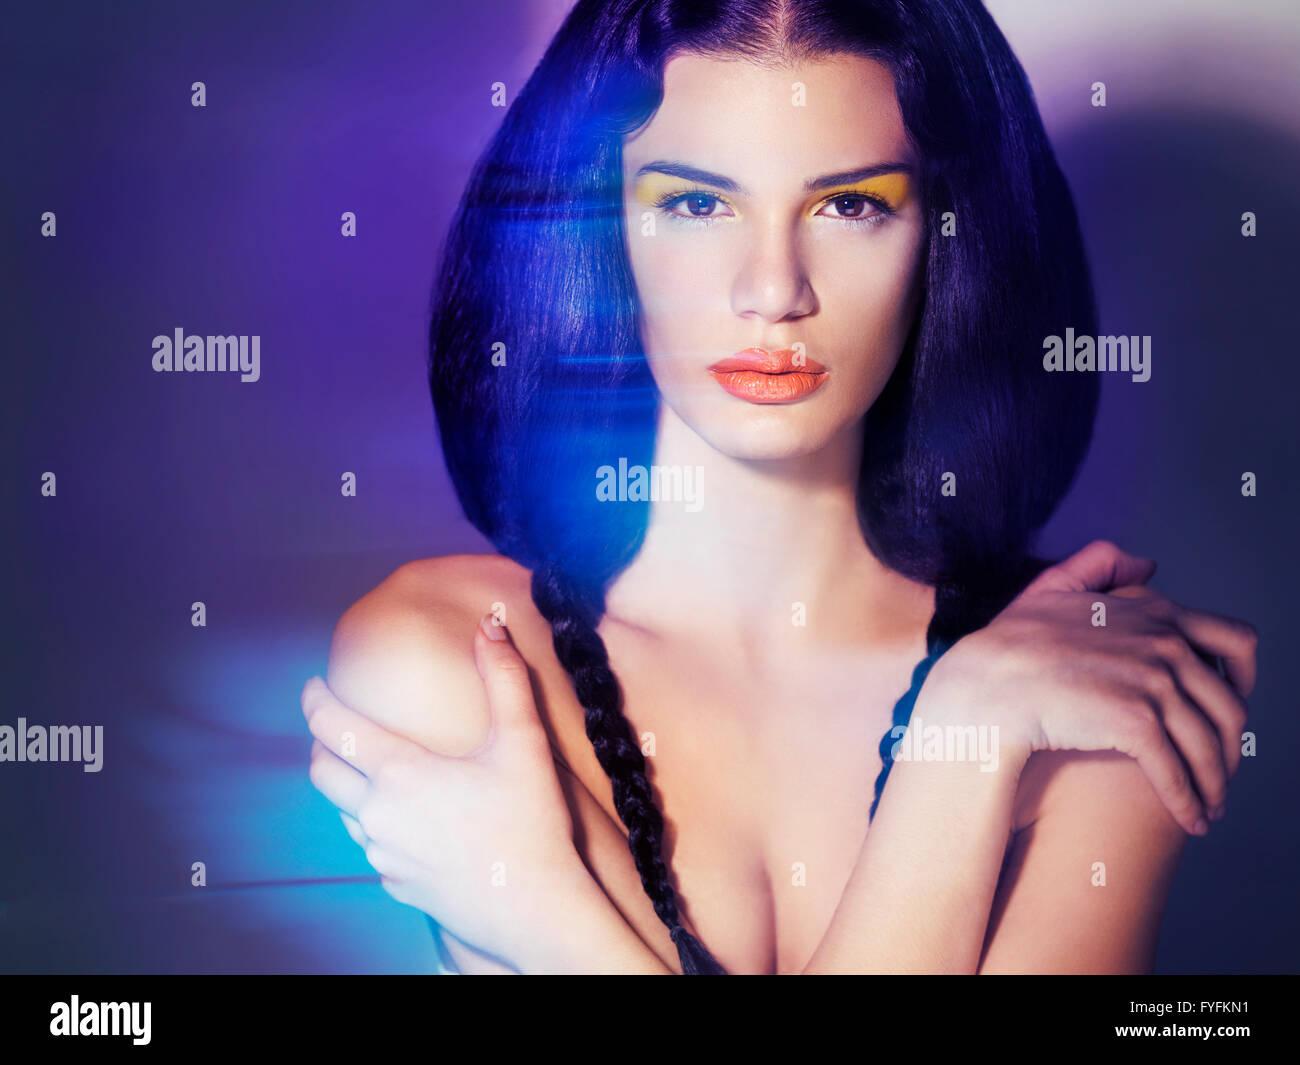 Jeune femme avec portrait Beauté, Maquillage artistique Photo Stock